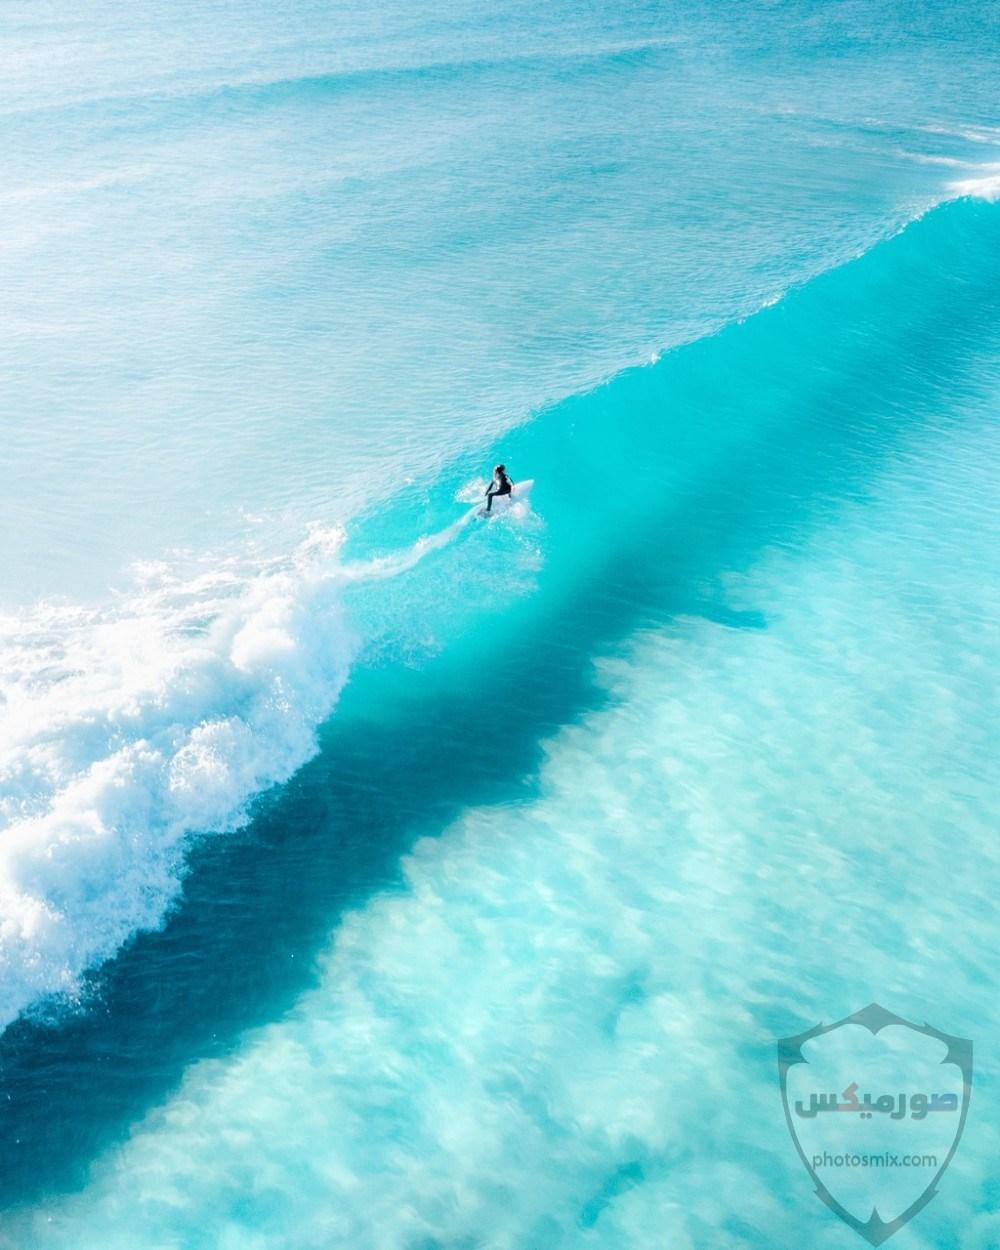 صور بحر 2020 صور بحر جميلة تحميل افضل خلفيات البحر HD 8